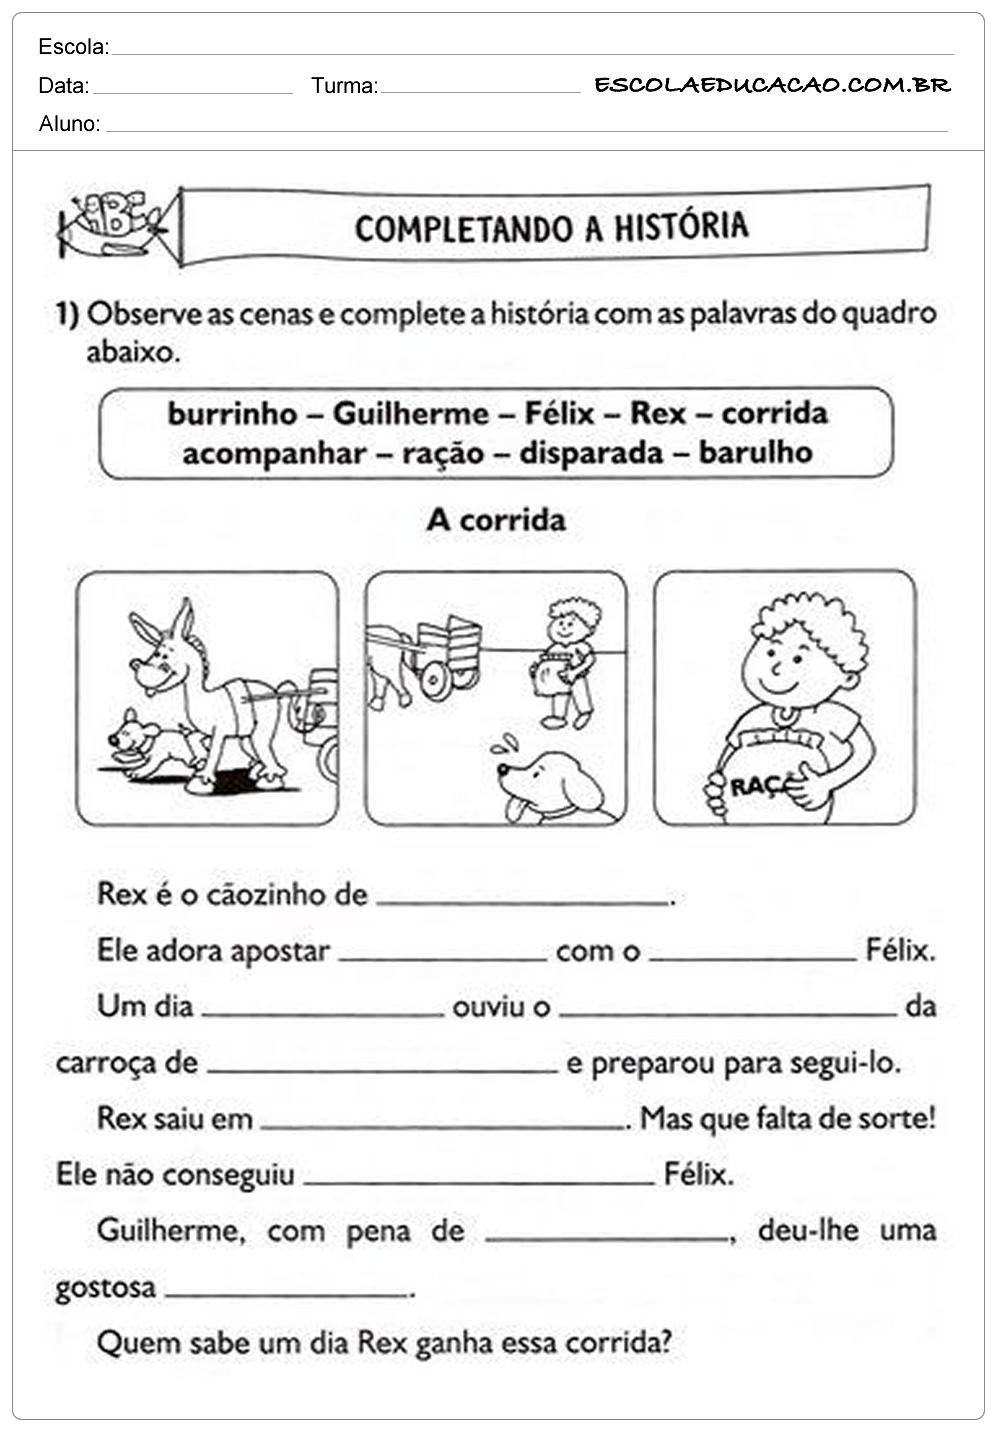 Atividades de Português 2º ano – Completando a História